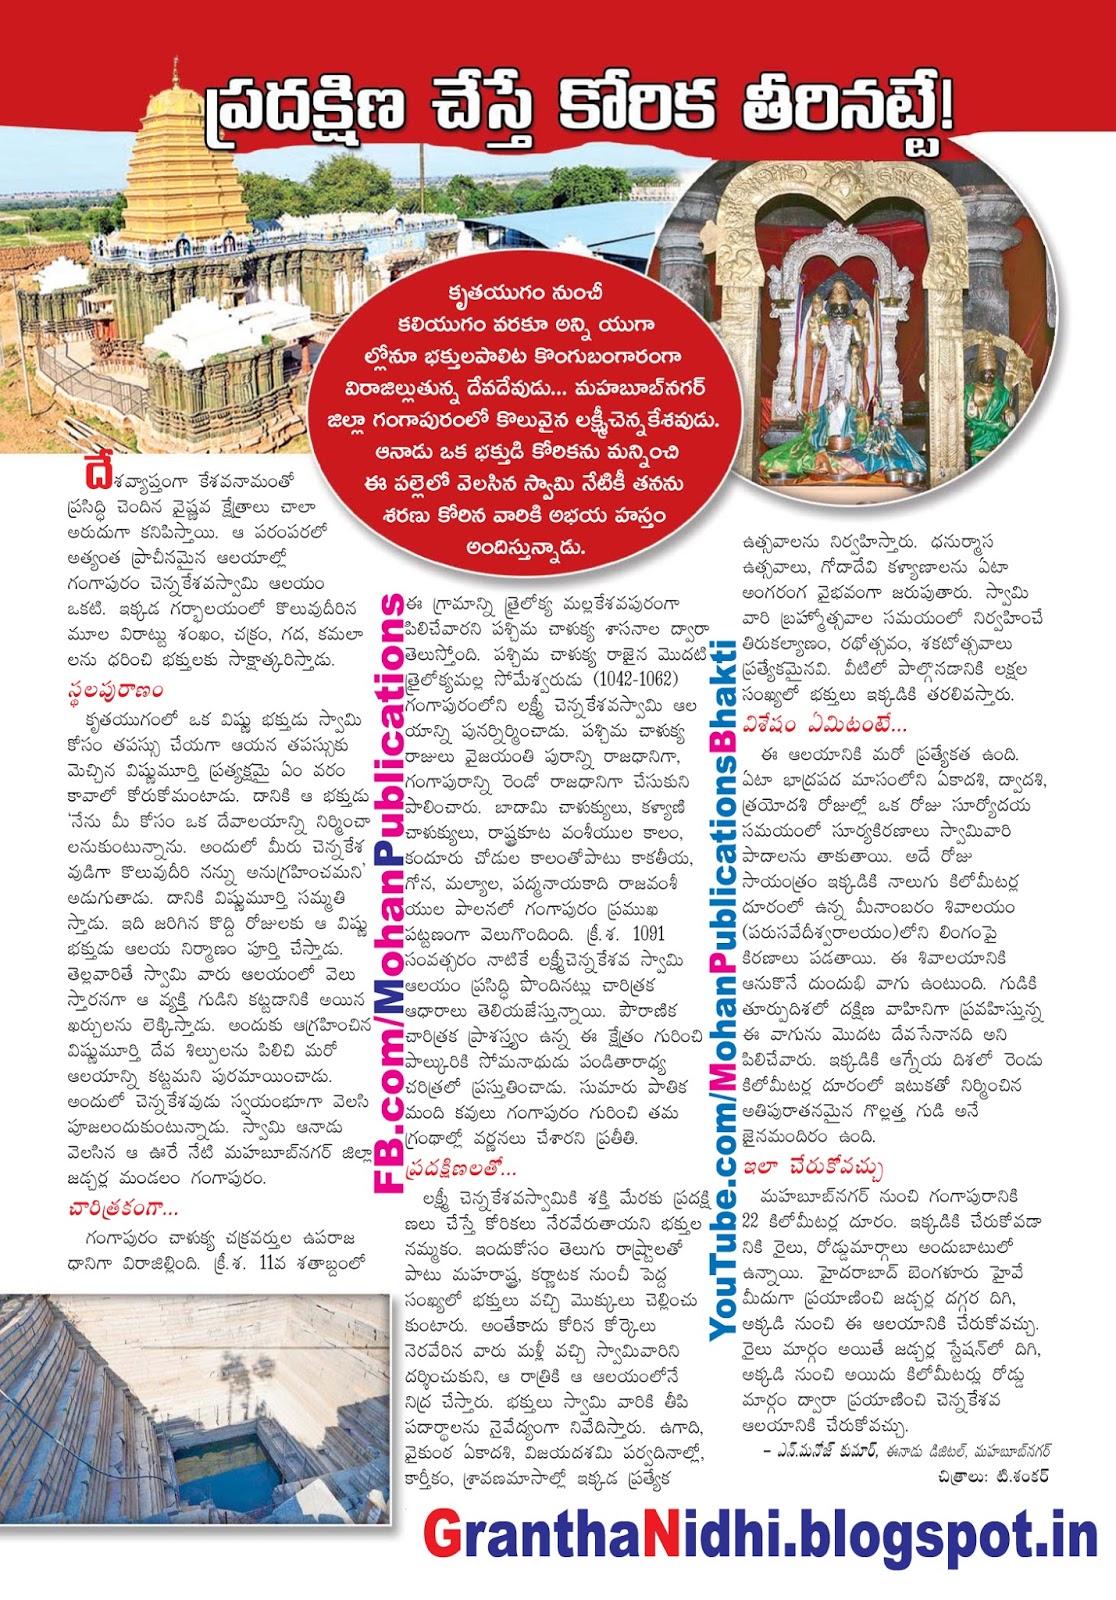 ప్రదక్షిణ చేస్తే కోరిక తీరినట్టే!_ PradakshinaChesteKorikaTeerinatte MahabubNagarLakshmiChennakesavudu GangapuramLakshmiChennakesavaswamy Eenadu Sunday Magazine Sunday Magazine Eeandu Sunday Paper BhakthiPustakalu Bhakthi Pustakalu Bhakti Pustakalu BhaktiPustakalu